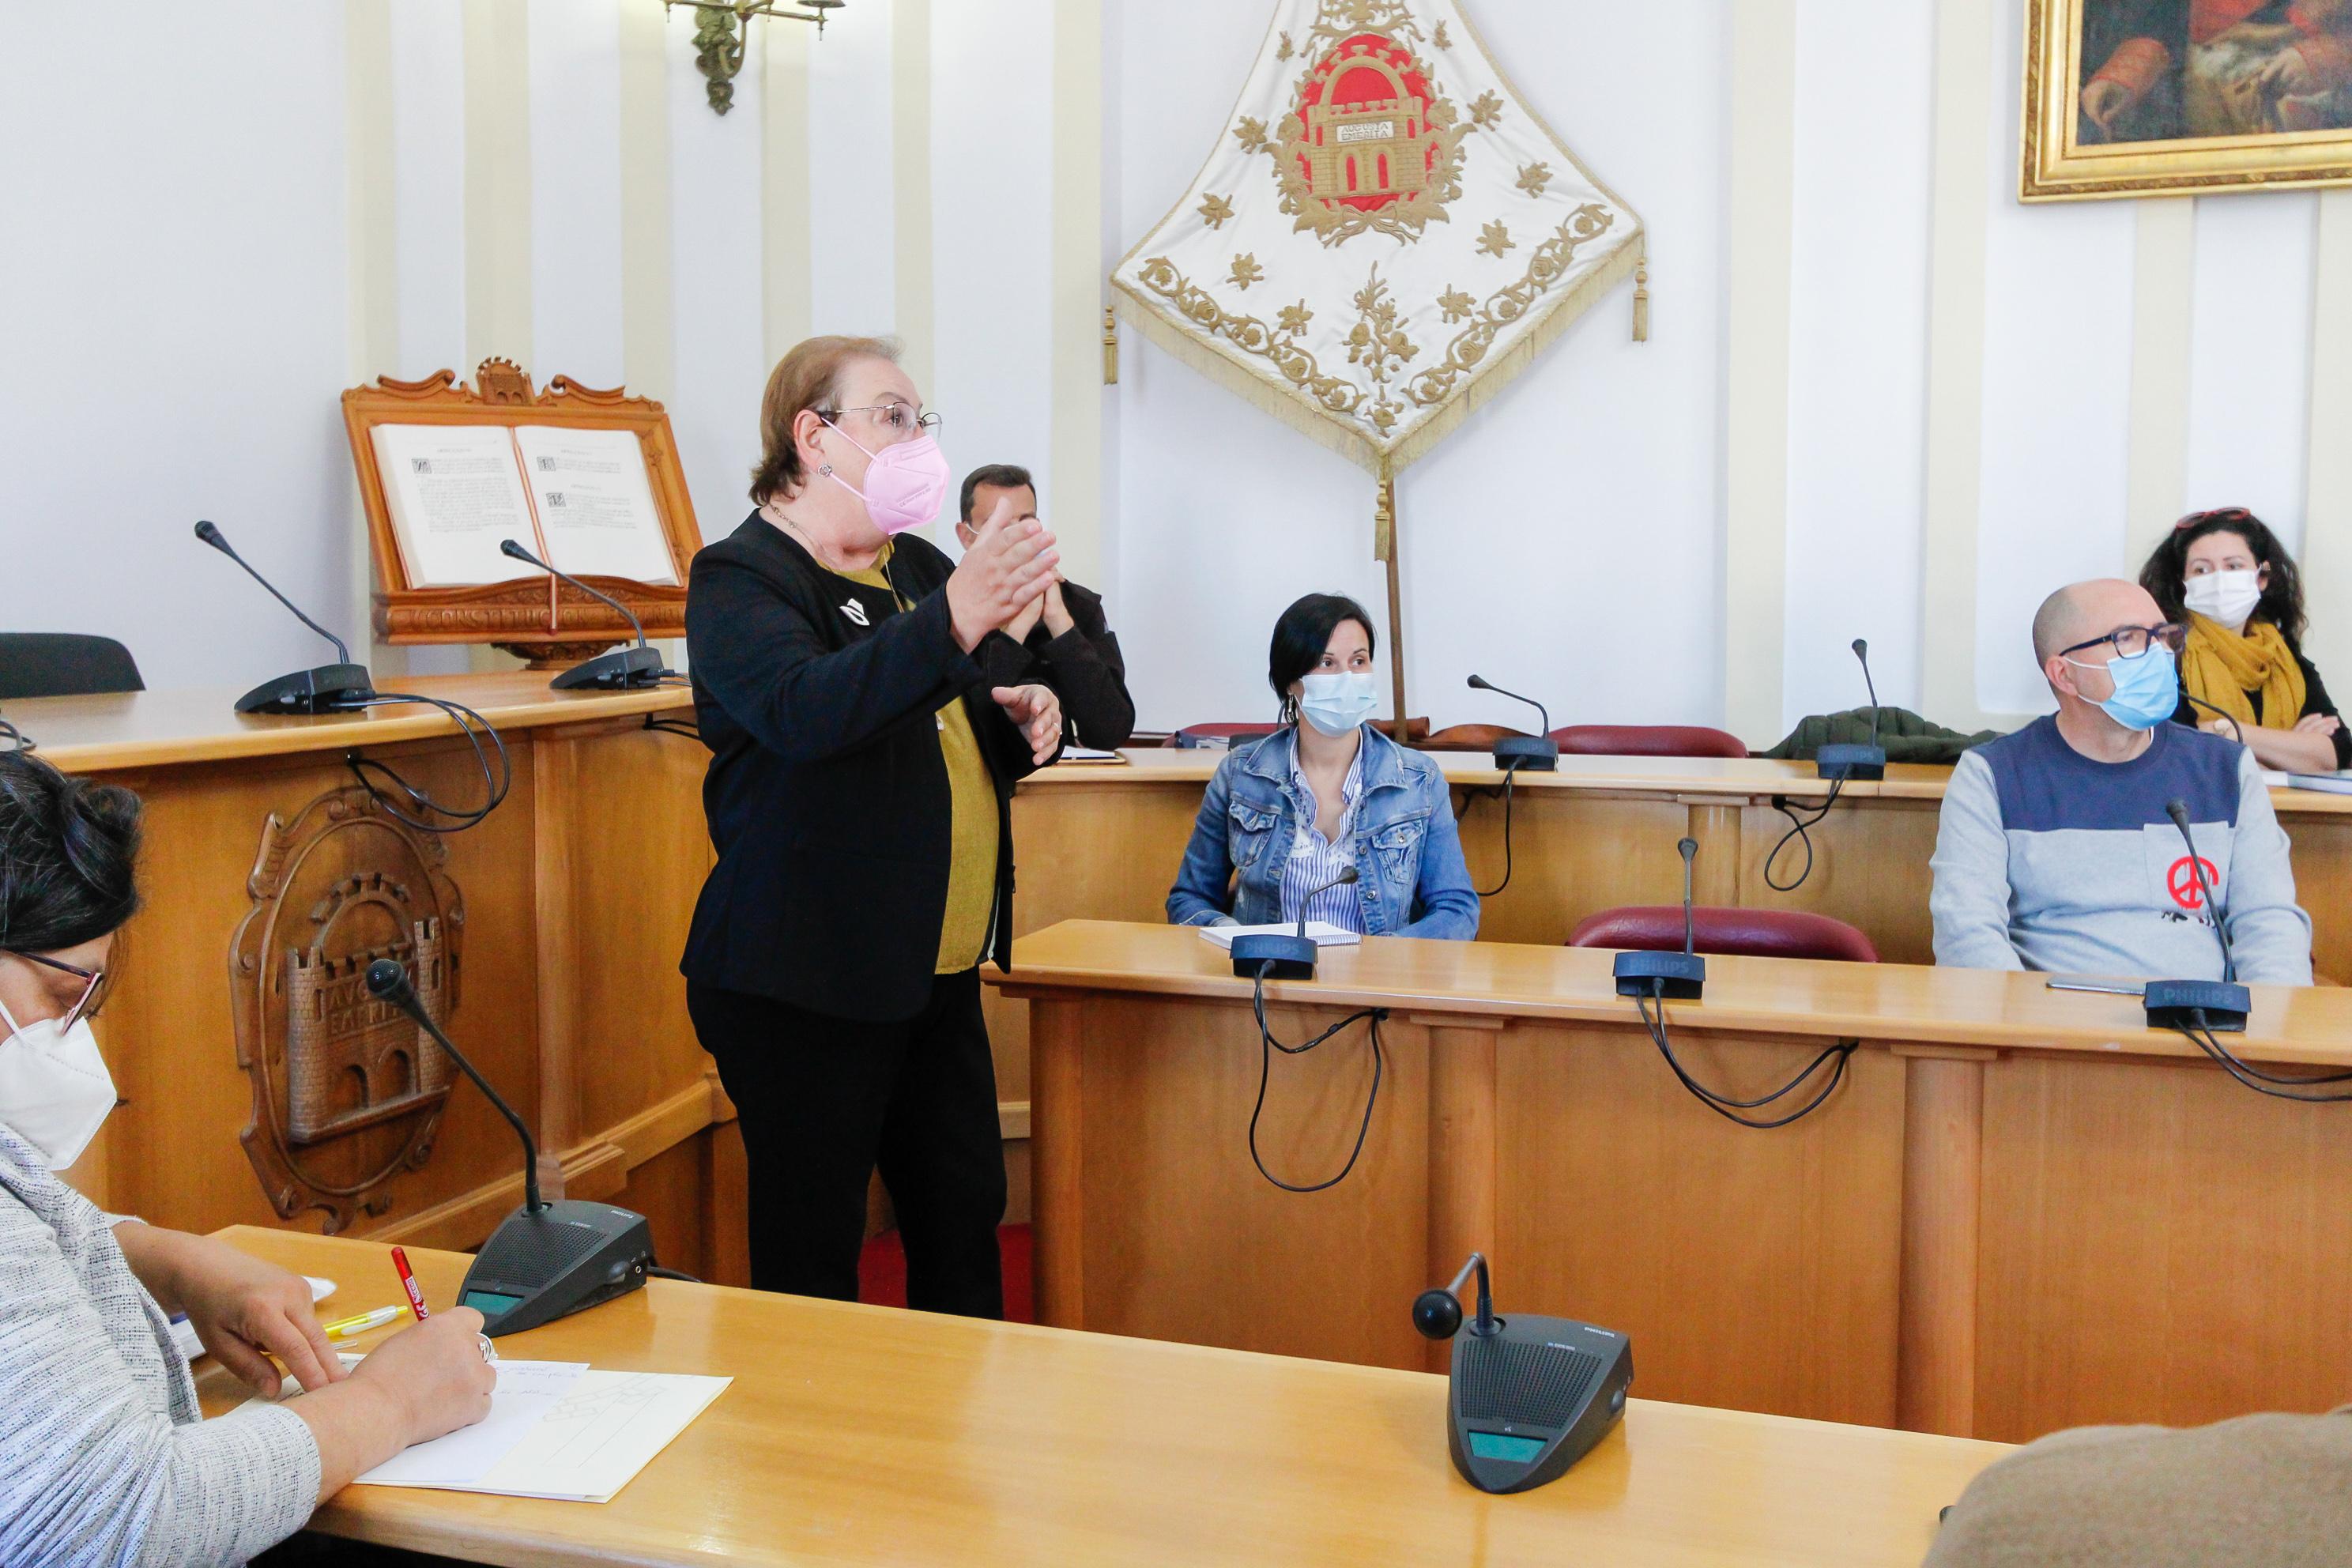 La directora de Igualdad se dirige a los asistentes